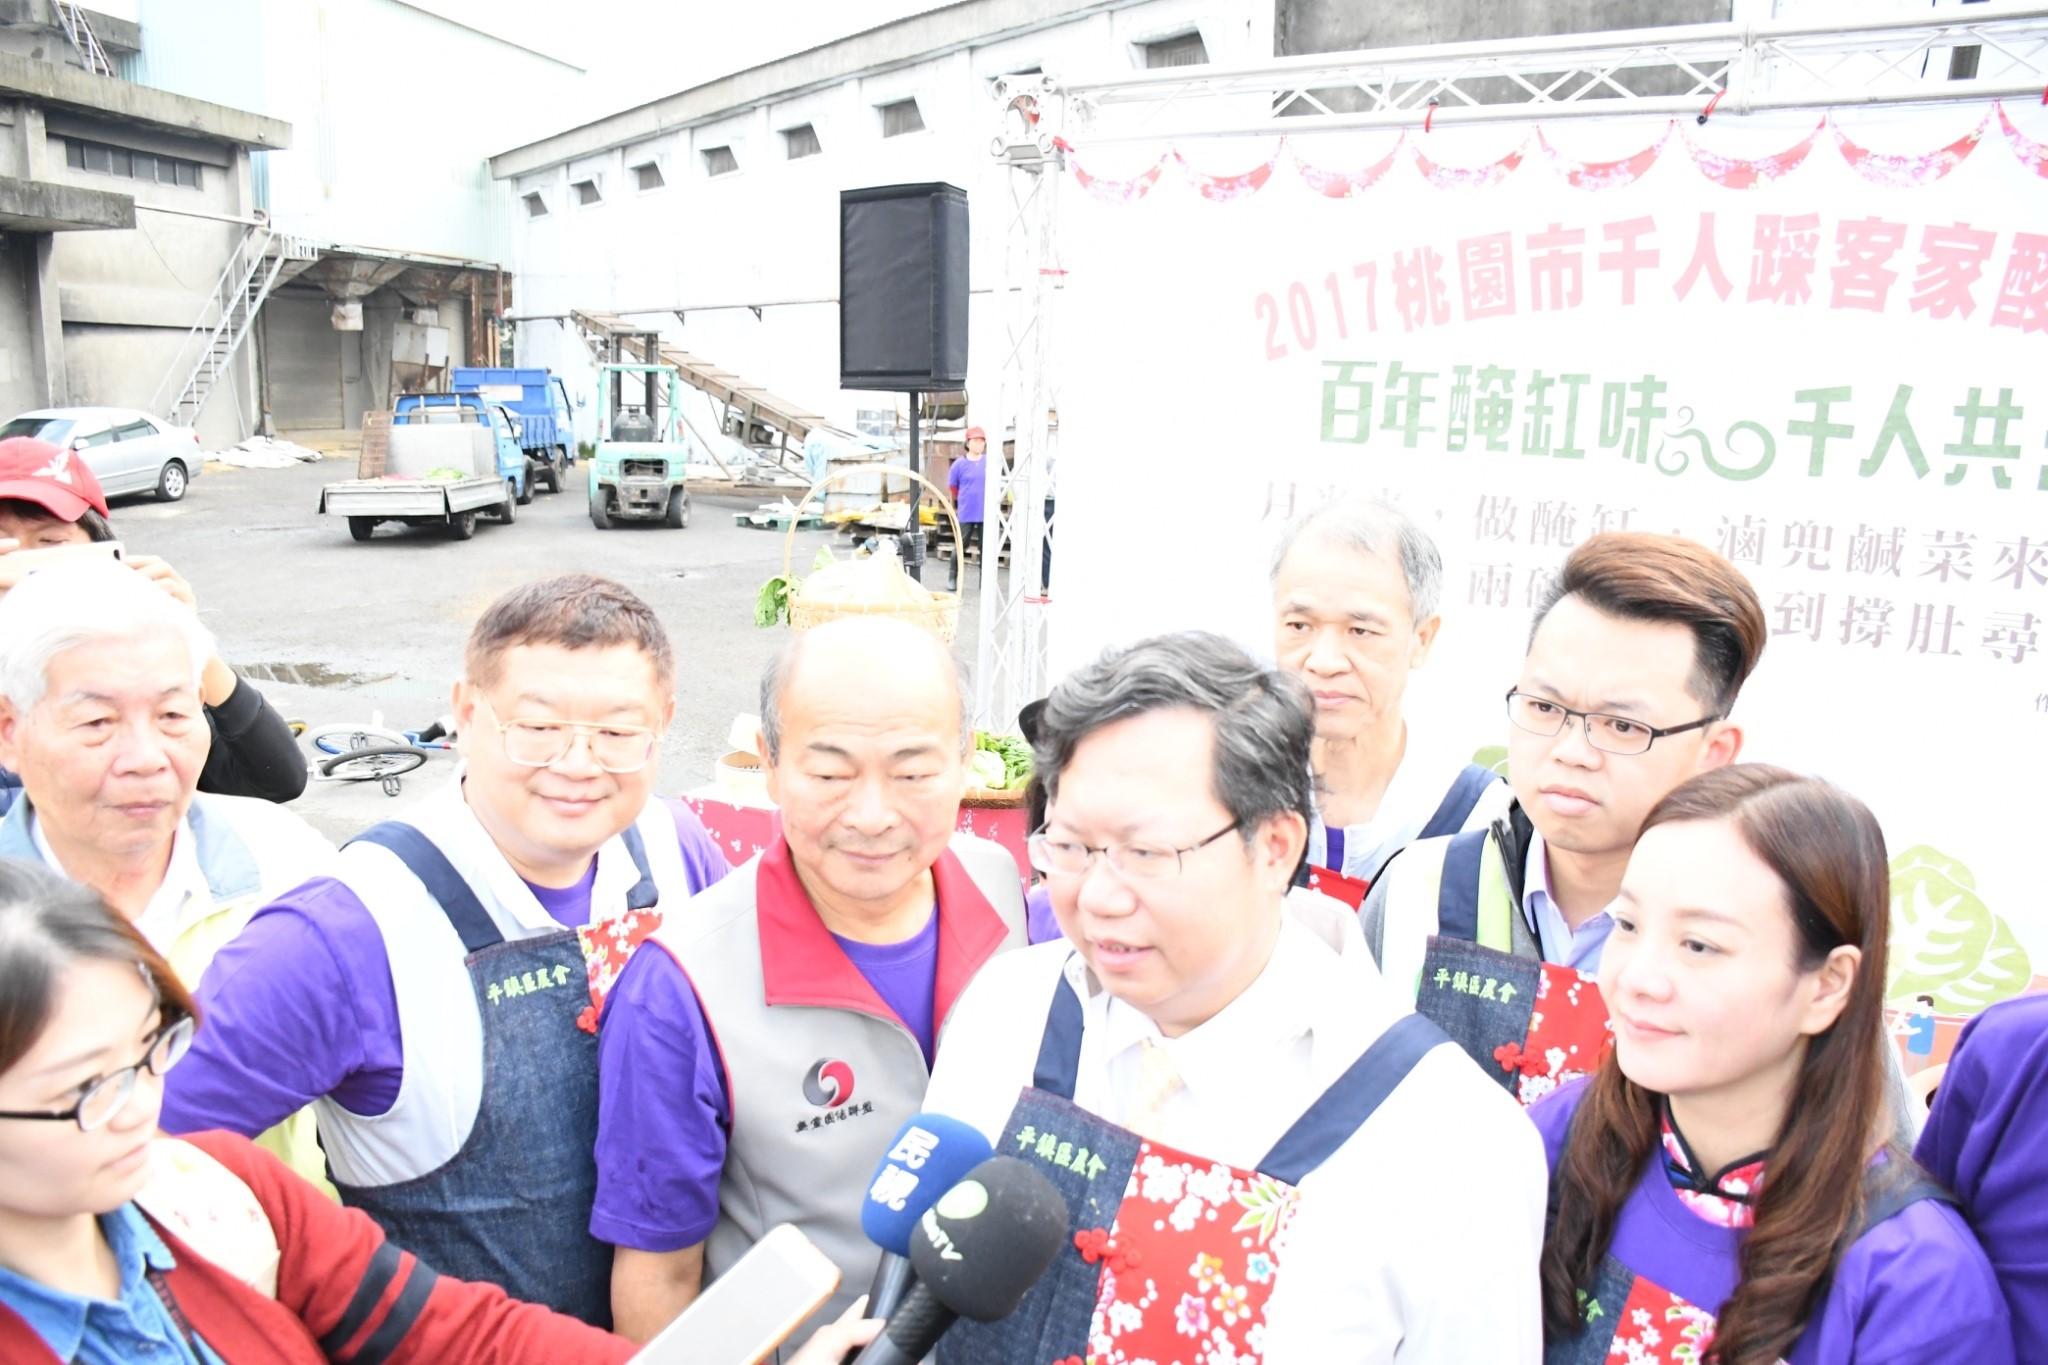 進行桃園市千人踩客家酸菜活動媒體聯訪,透過宣傳使更多民眾一起傳承醃缸文化。